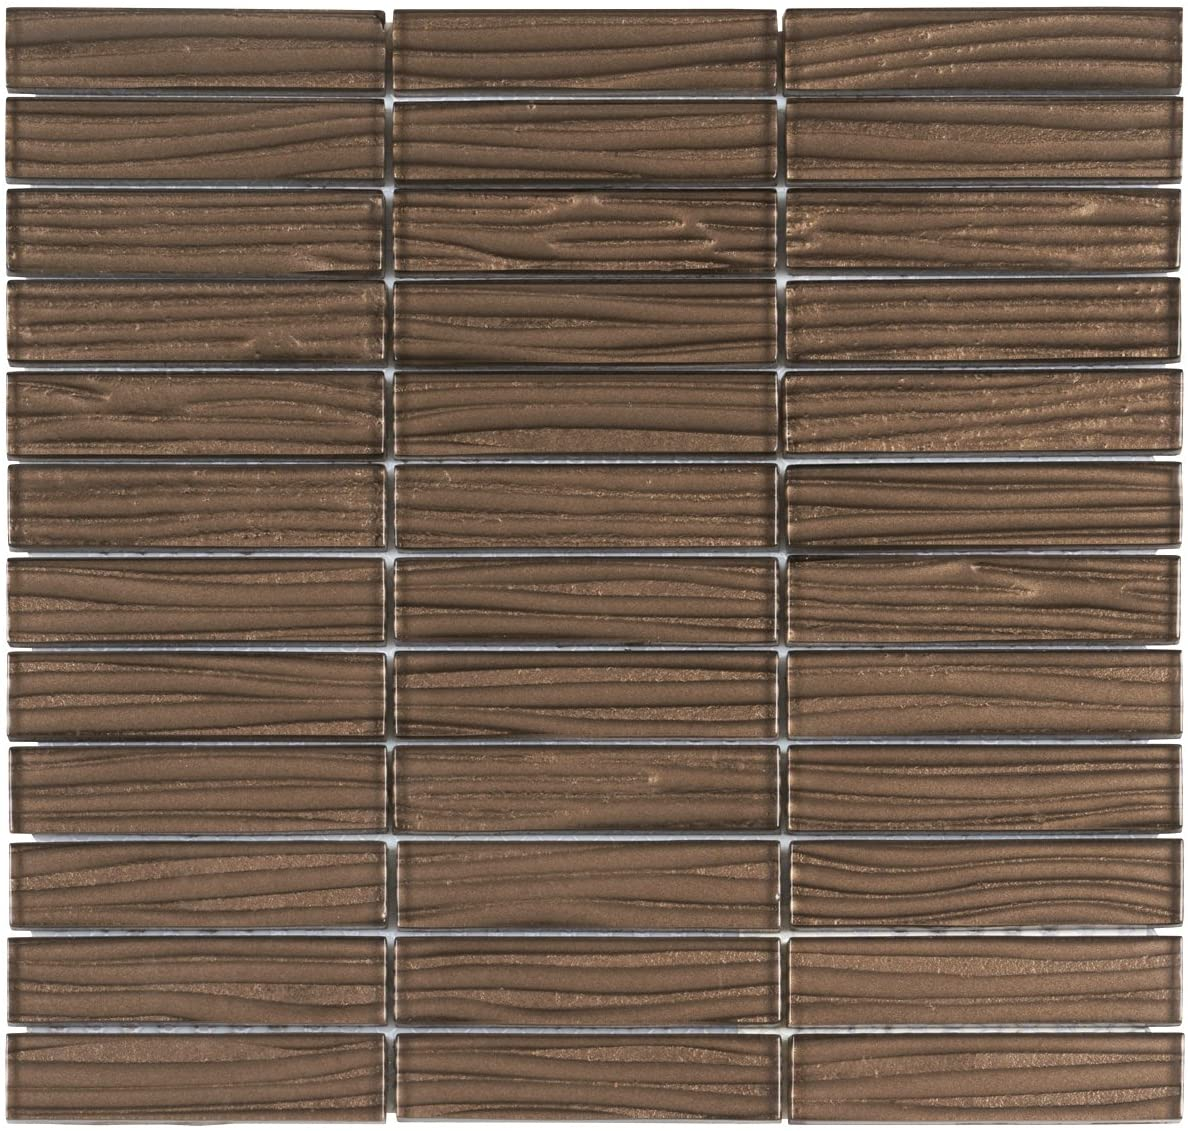 Modket TDH41MO Brown Wave Metallic Cold Spray Mosaic Tile Stacked Pattern Backsplash